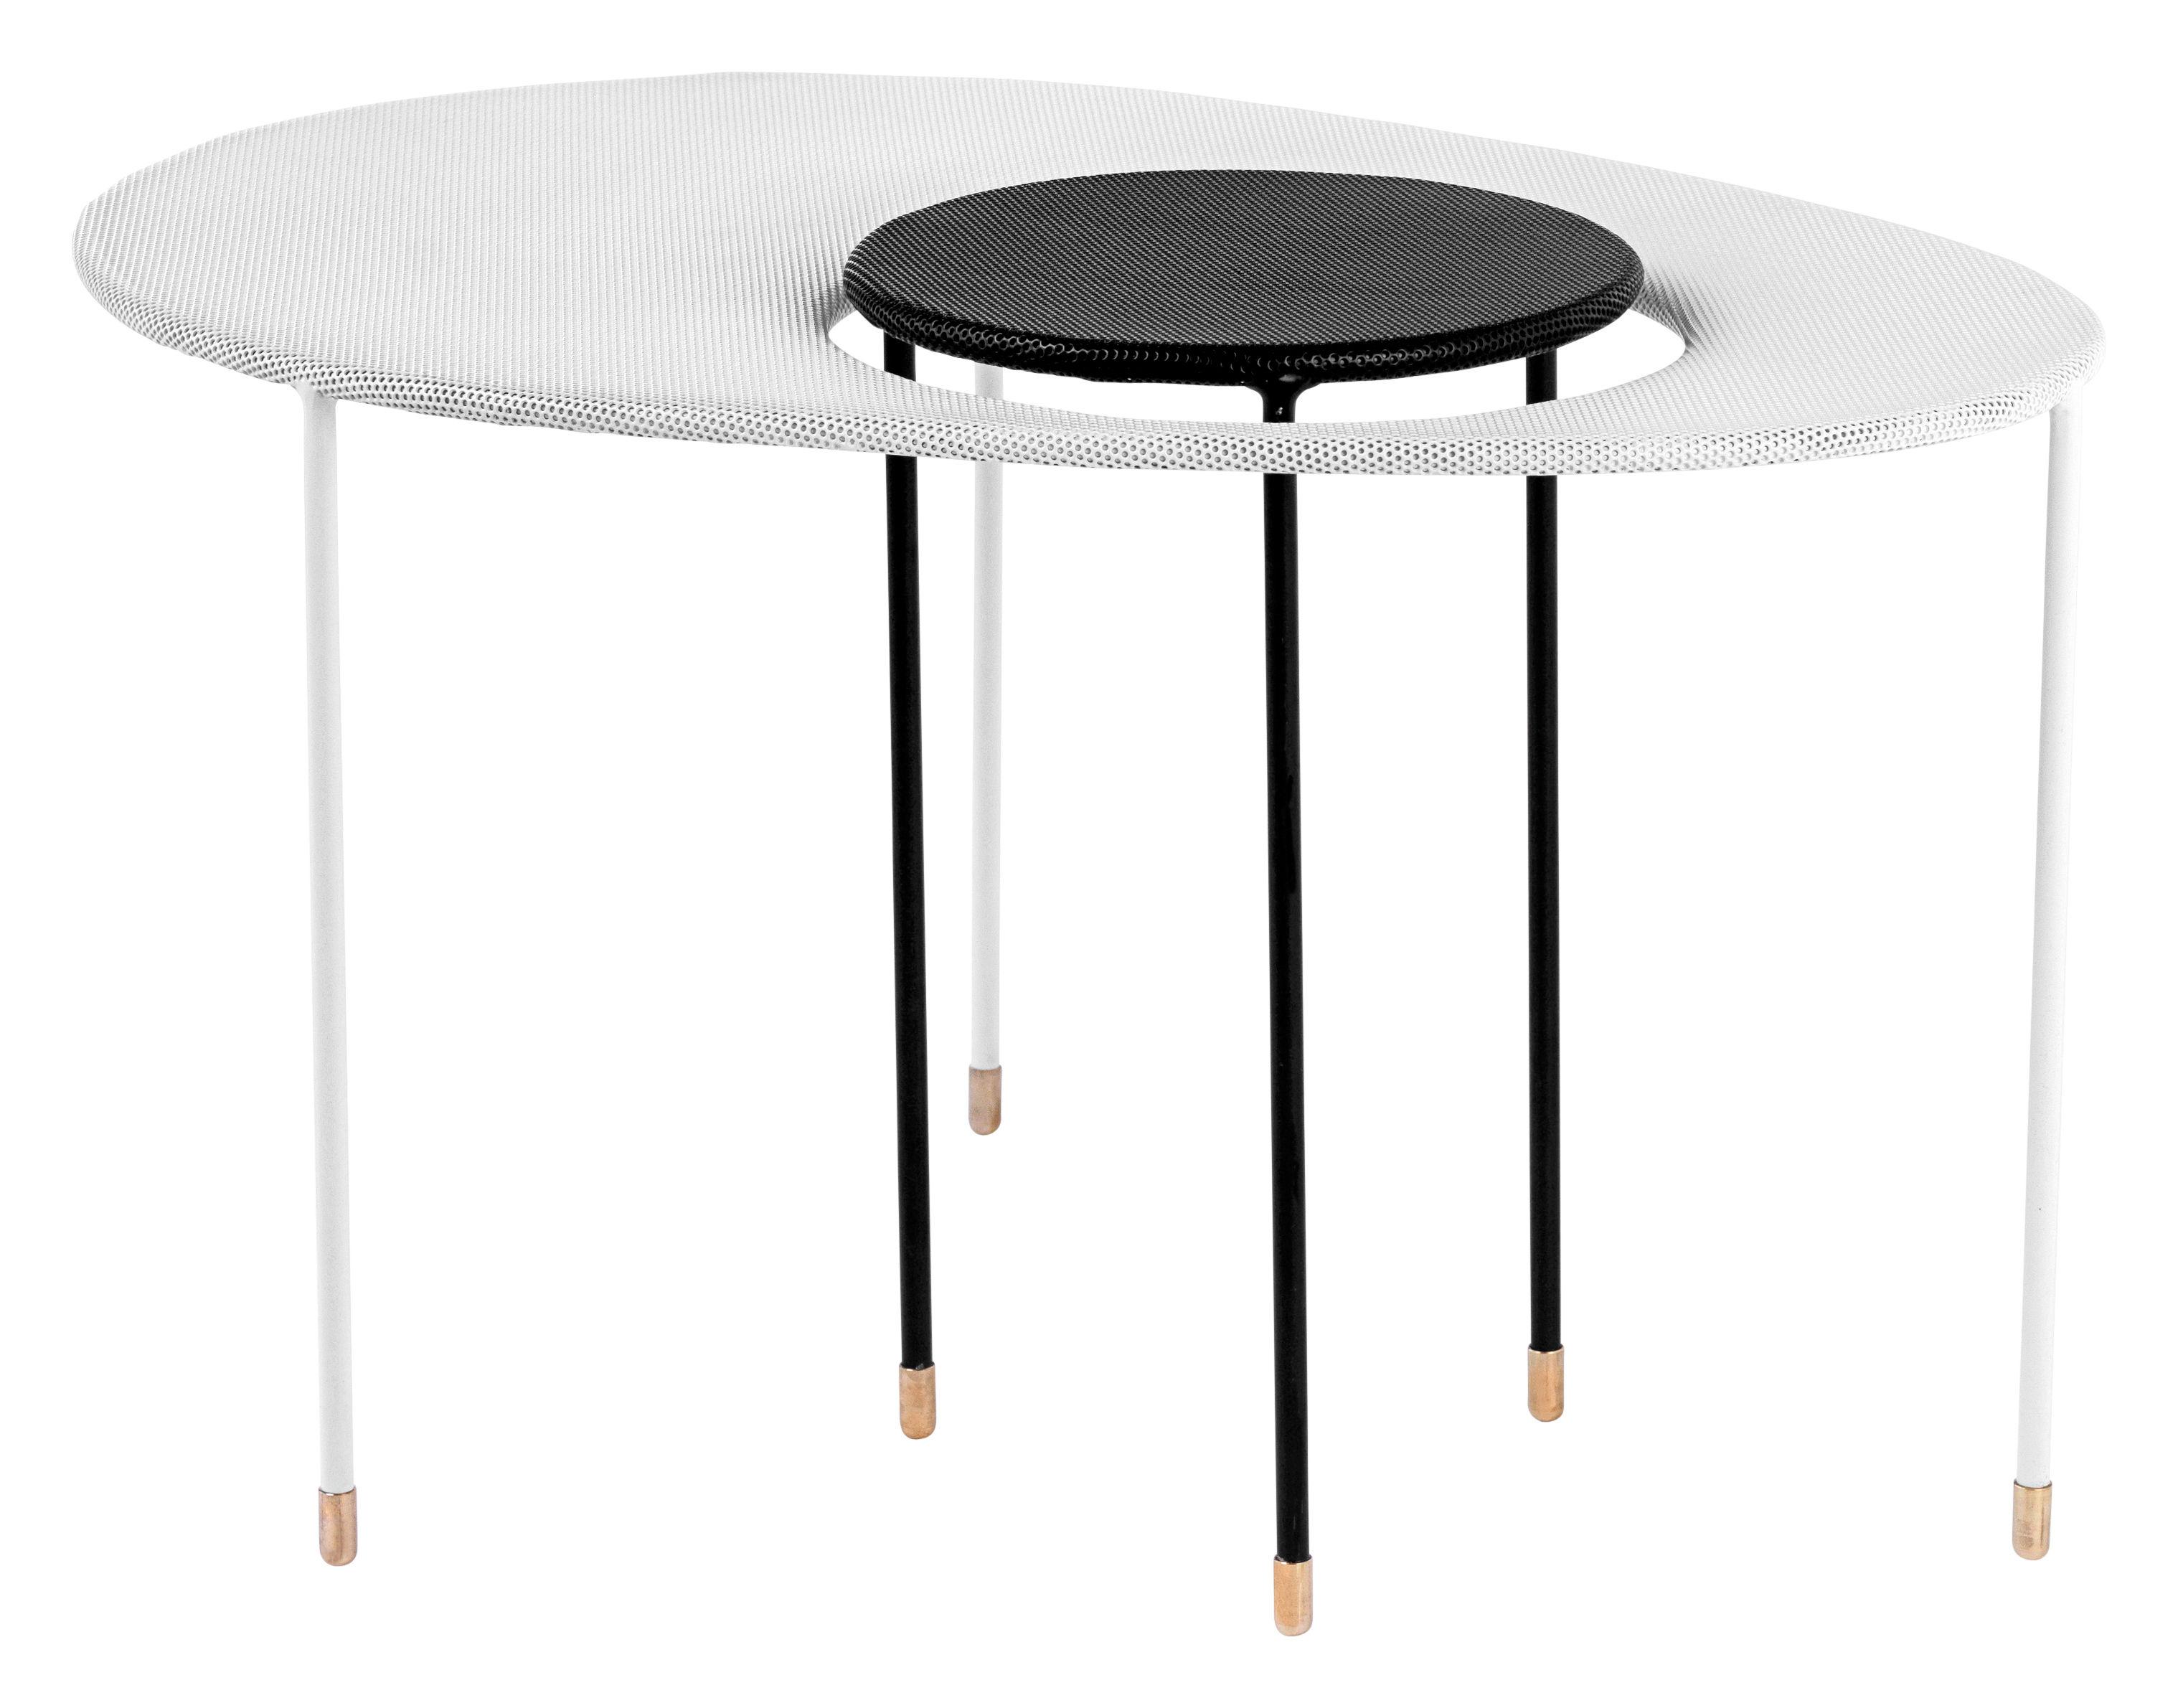 Möbel - Couchtische - Kangourou Satz-Tische Set von 2 ineinandergestellten Tischen - Neuauflage aus den 50er Jahren - Gubi - Schwarz/weiß - rostfreier Stahl